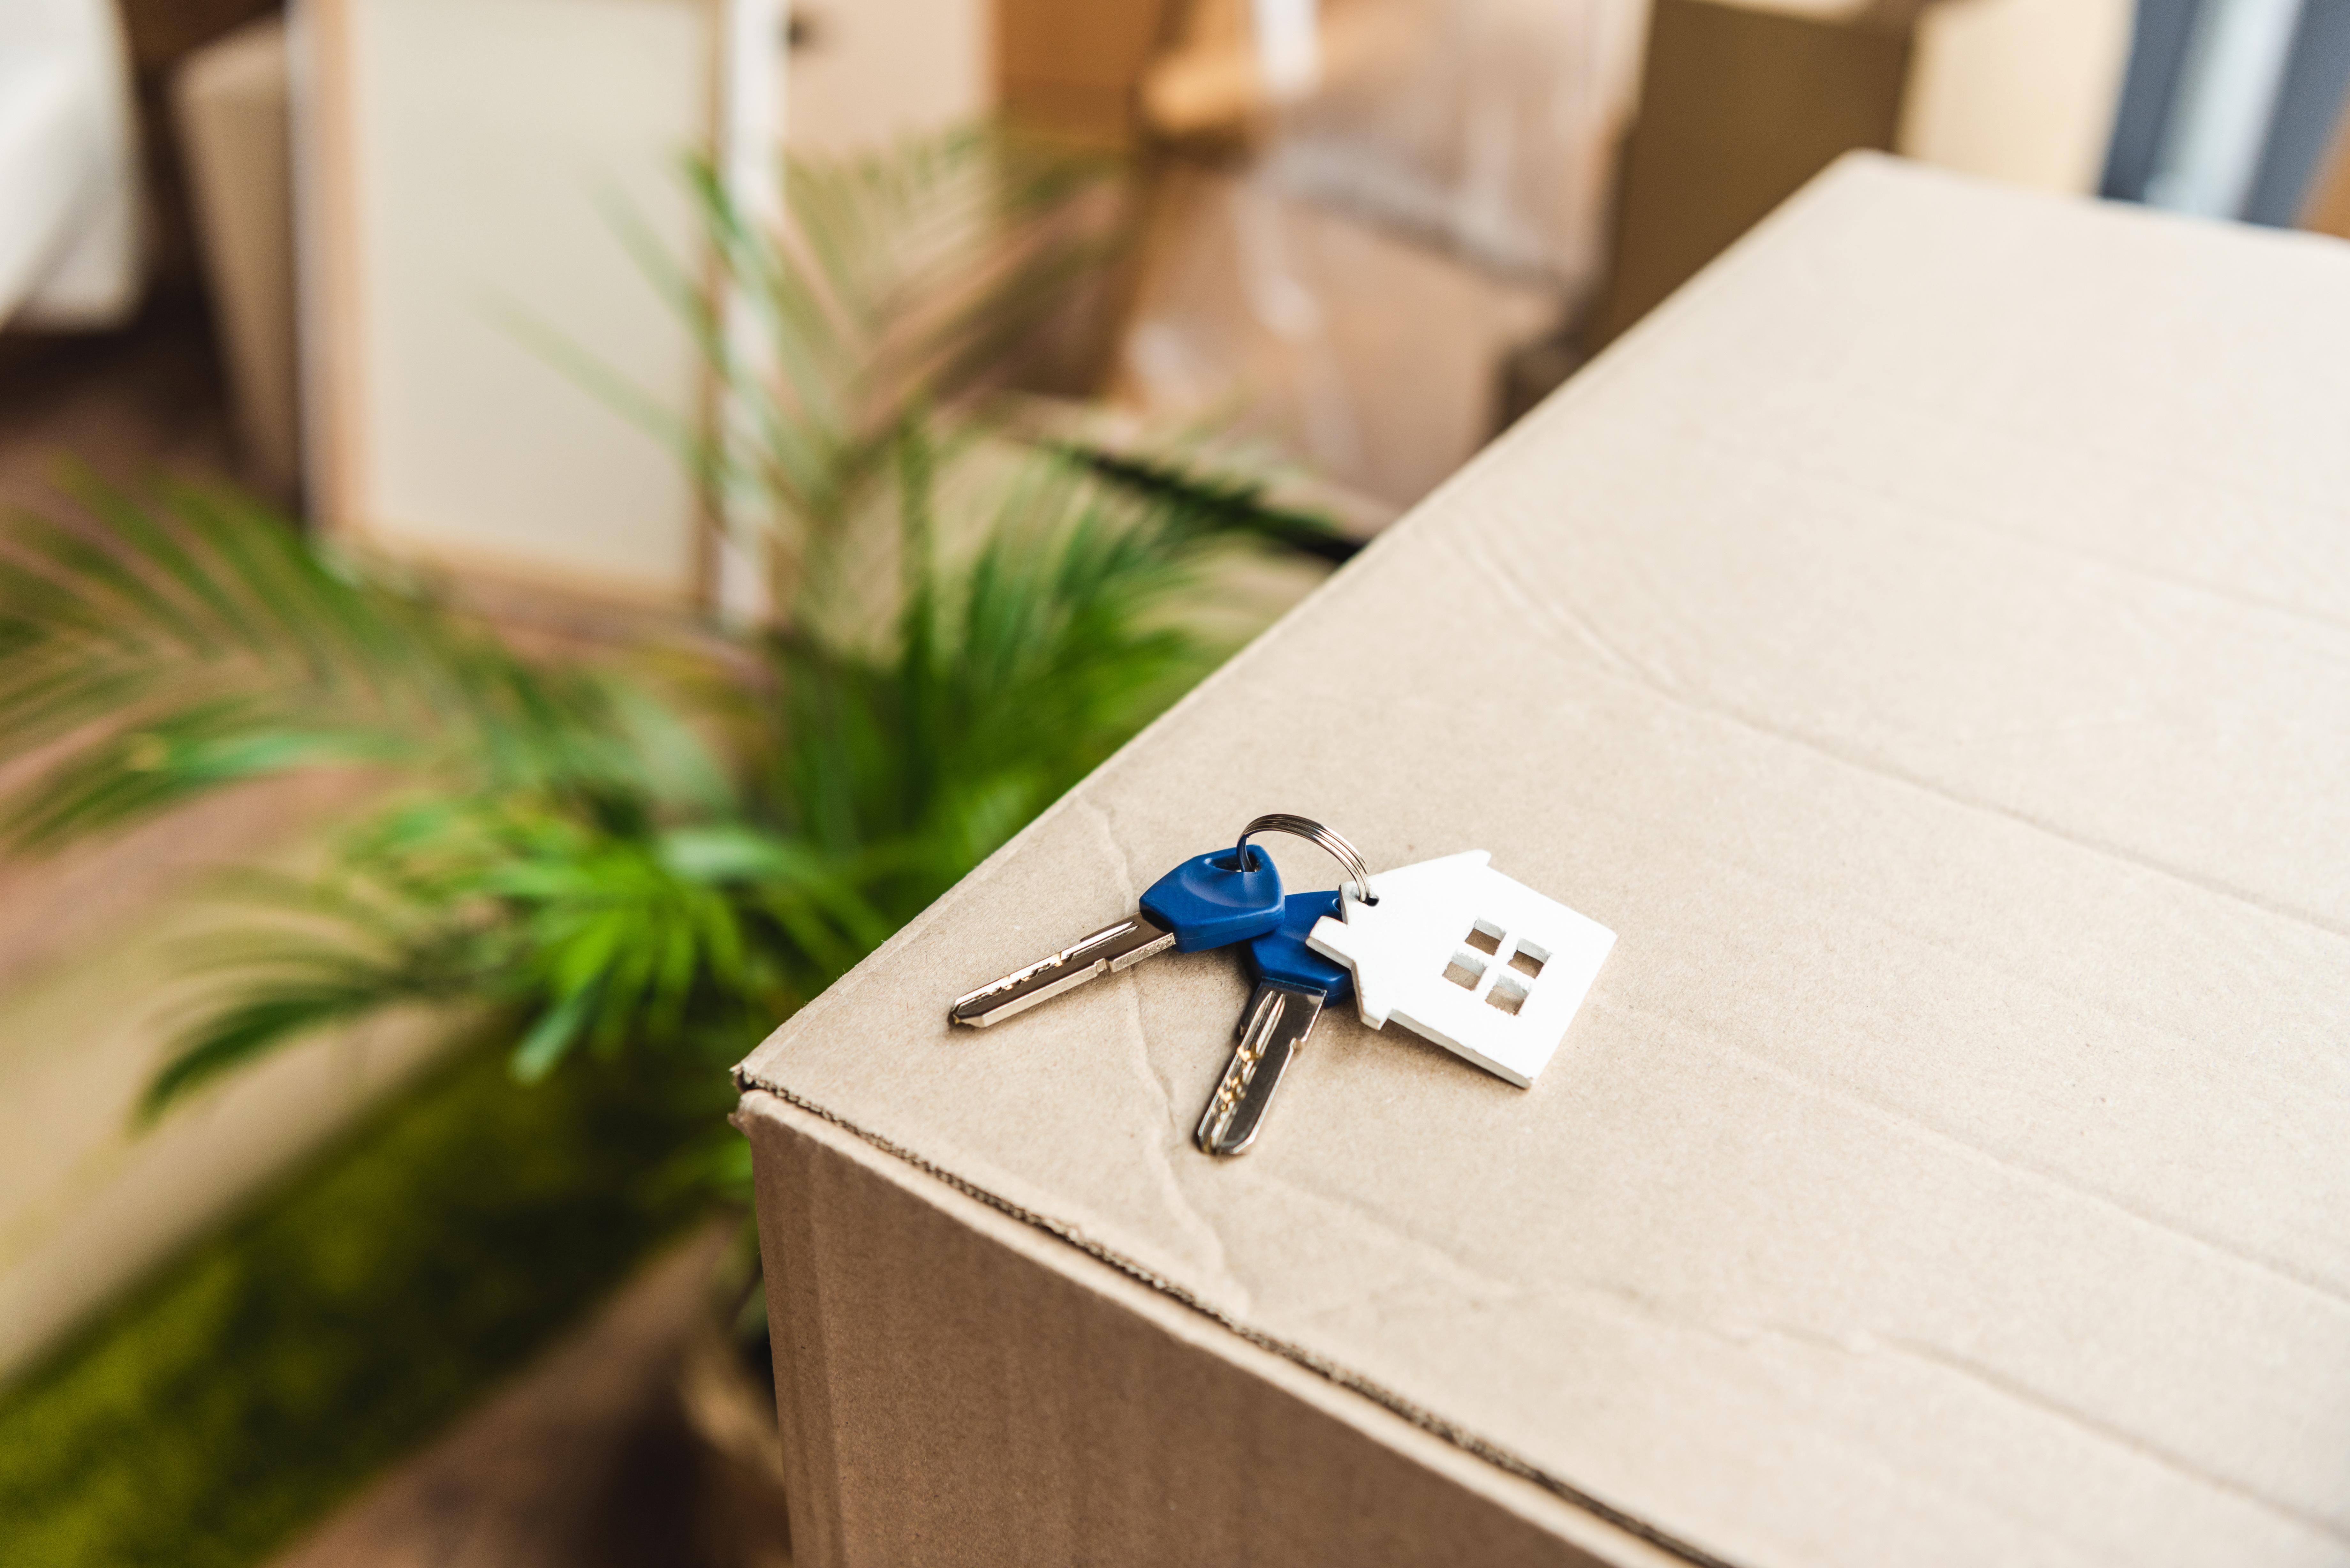 Schlüssel liegt auf Umzugskarton